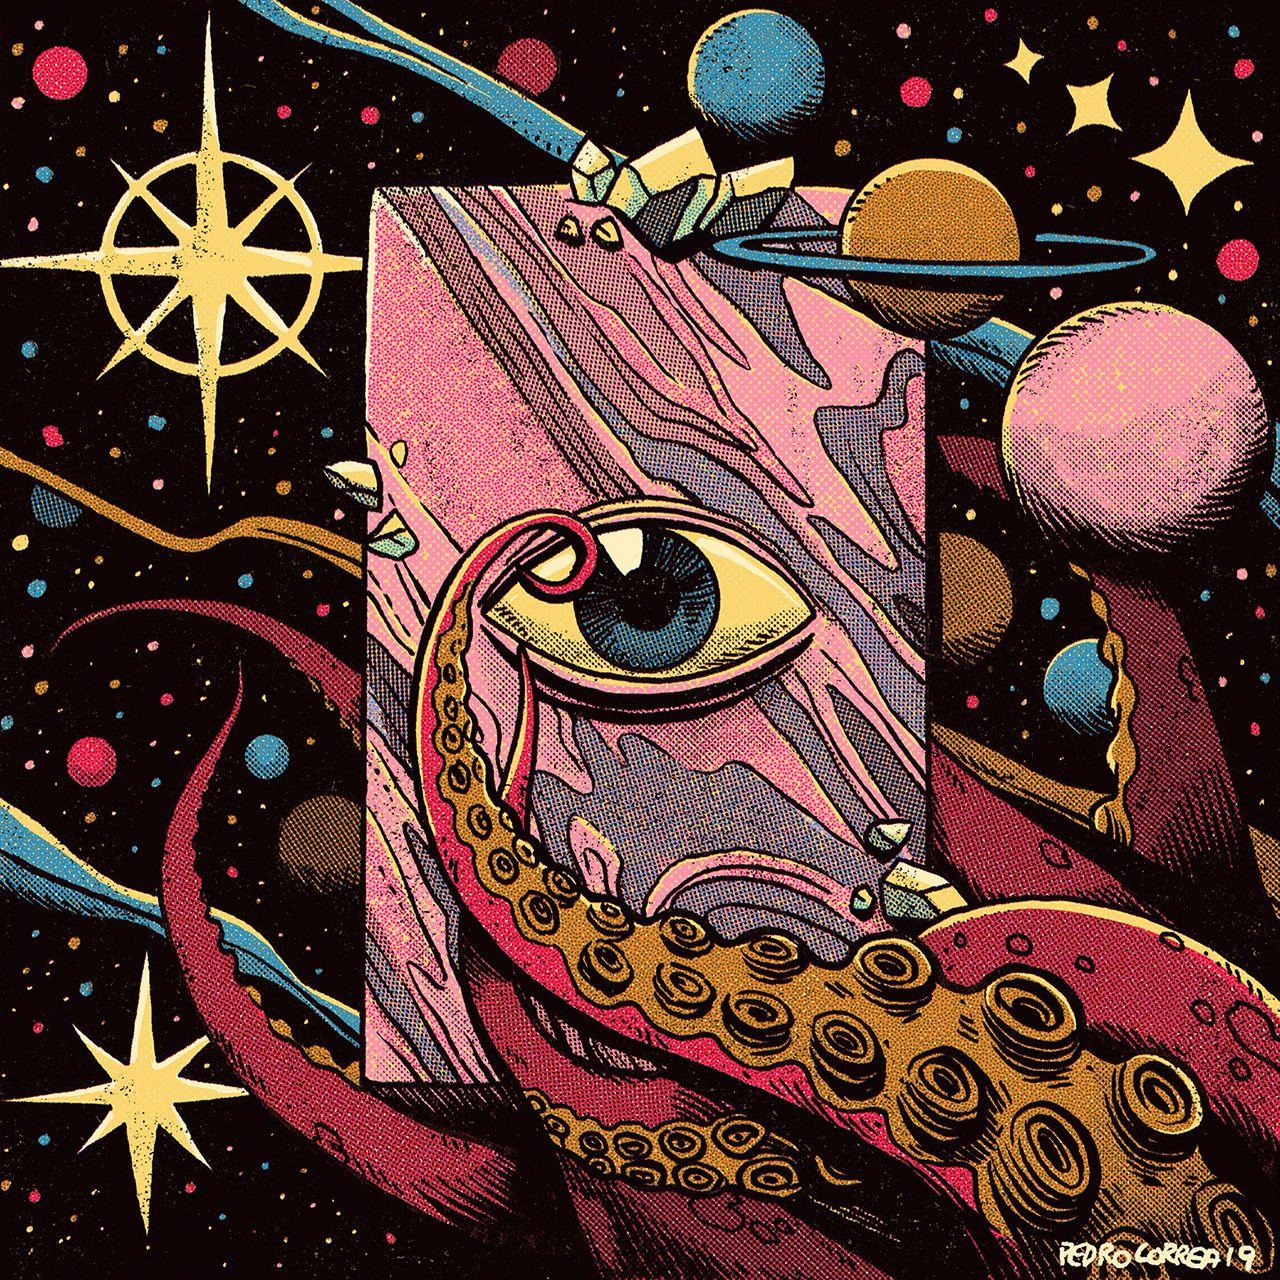 Pedro Correa Illustrator - Cosmic Eyeballs